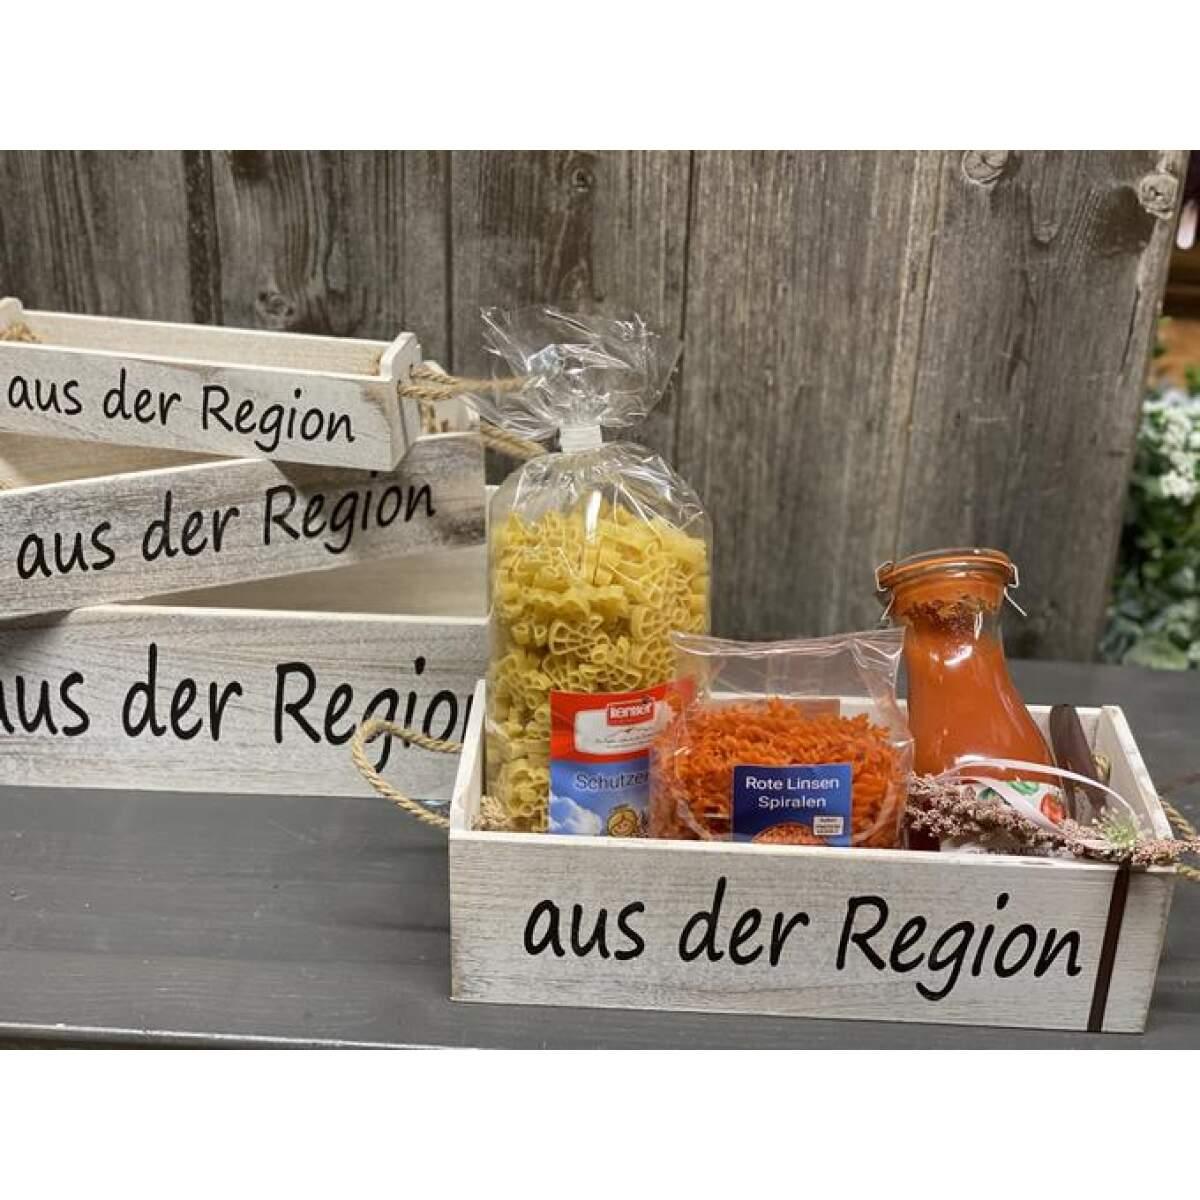 aus-der-Region